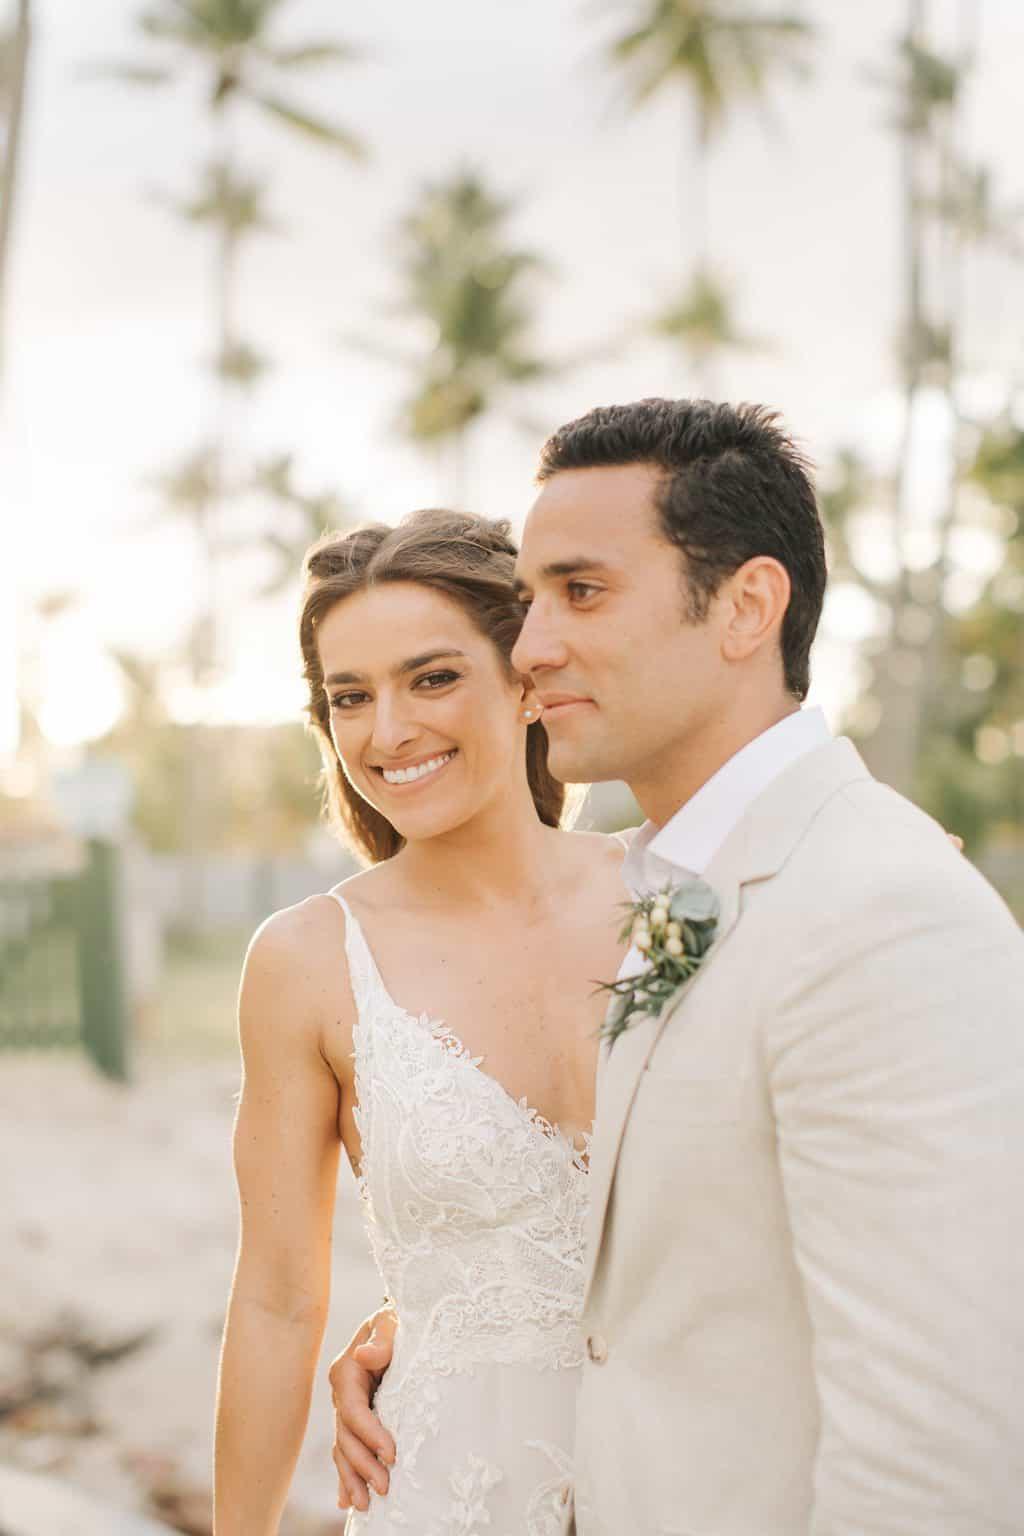 casamento-Danielle-e-Guilherme-aloha-fotografia-caseme-105